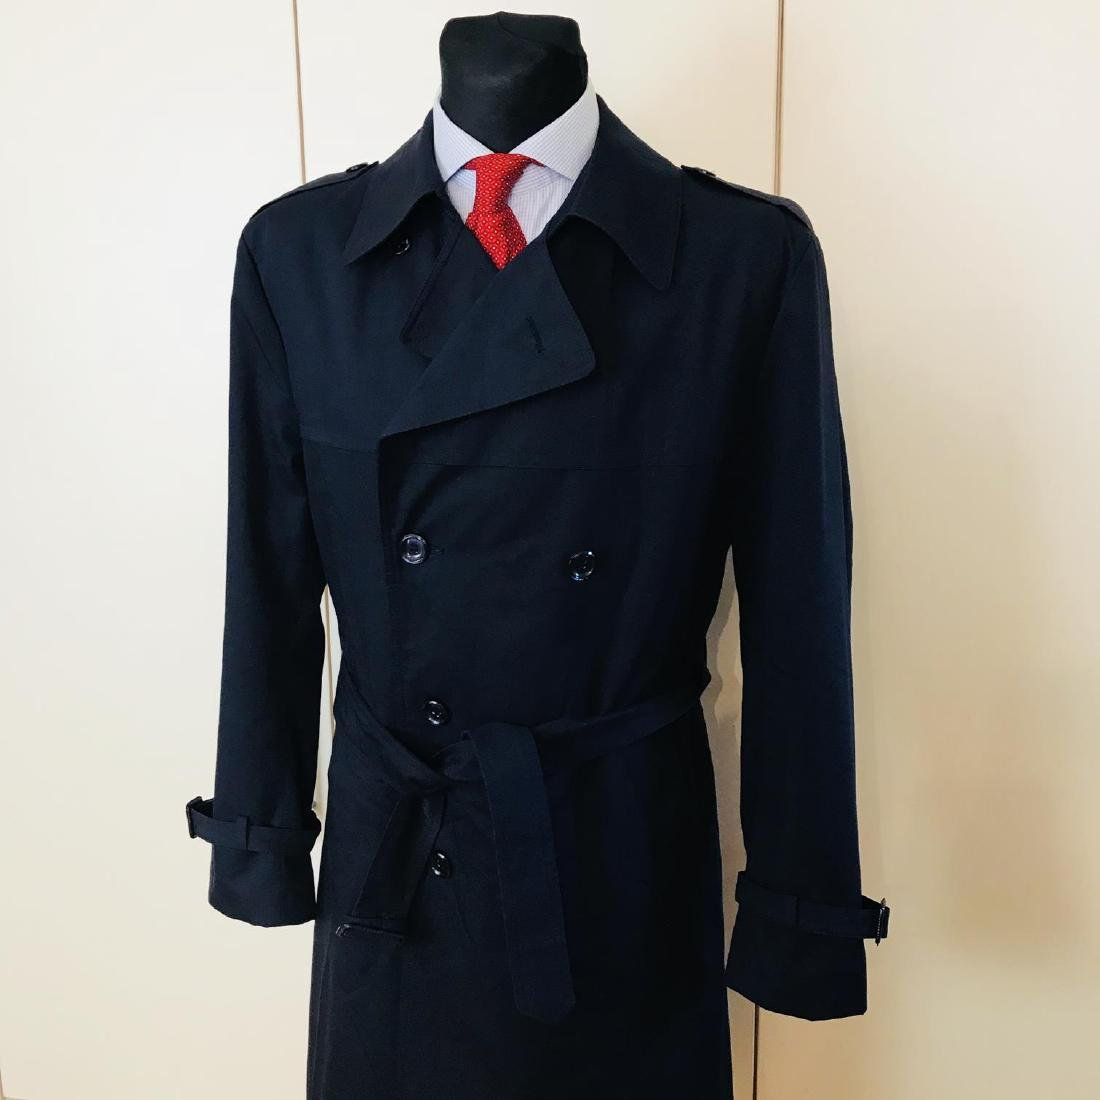 Vintage Men's Navy Blue Trench Coat Size US 42 / EUR 52 - 2